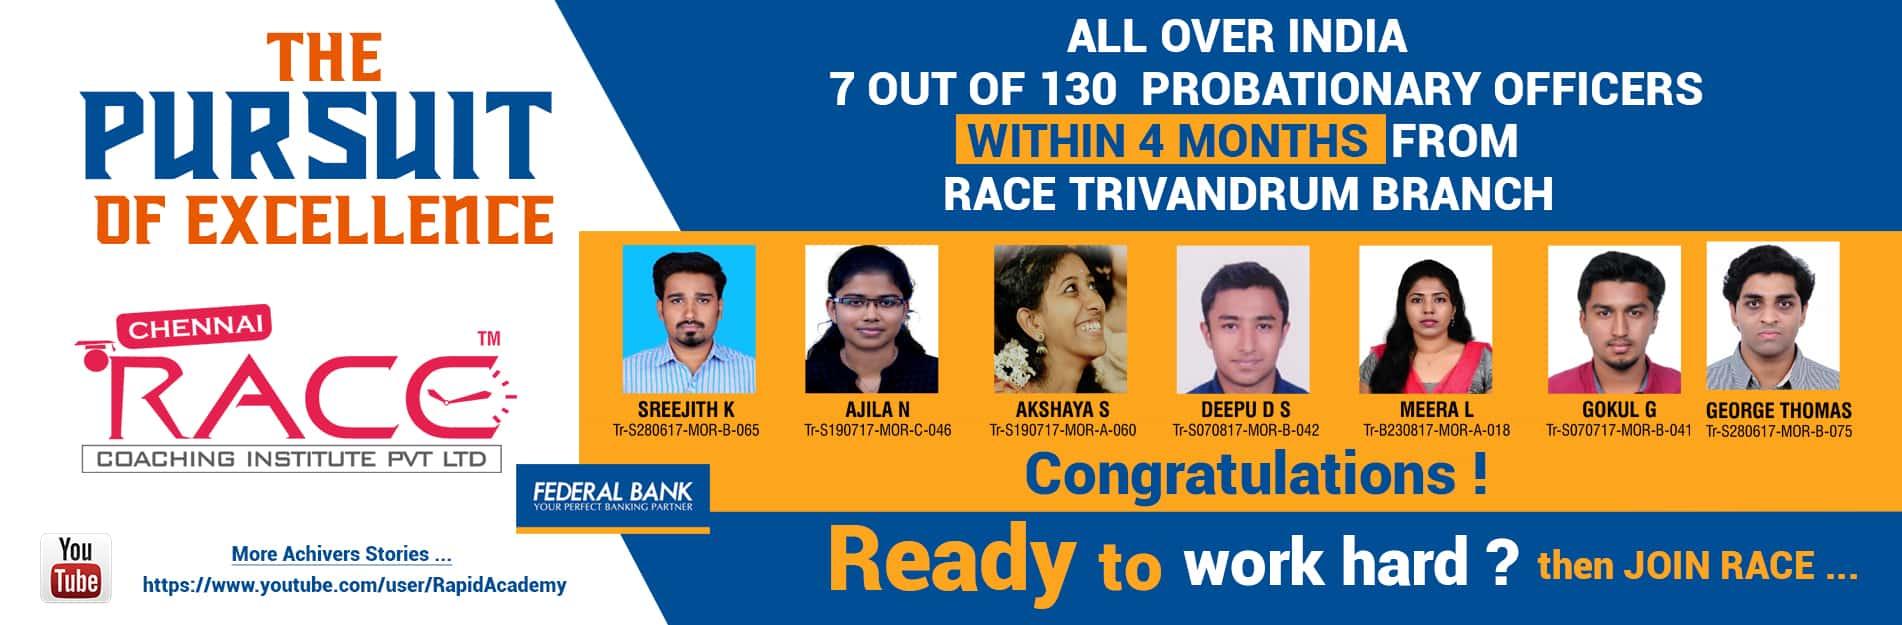 Race Institute trivandrum branch